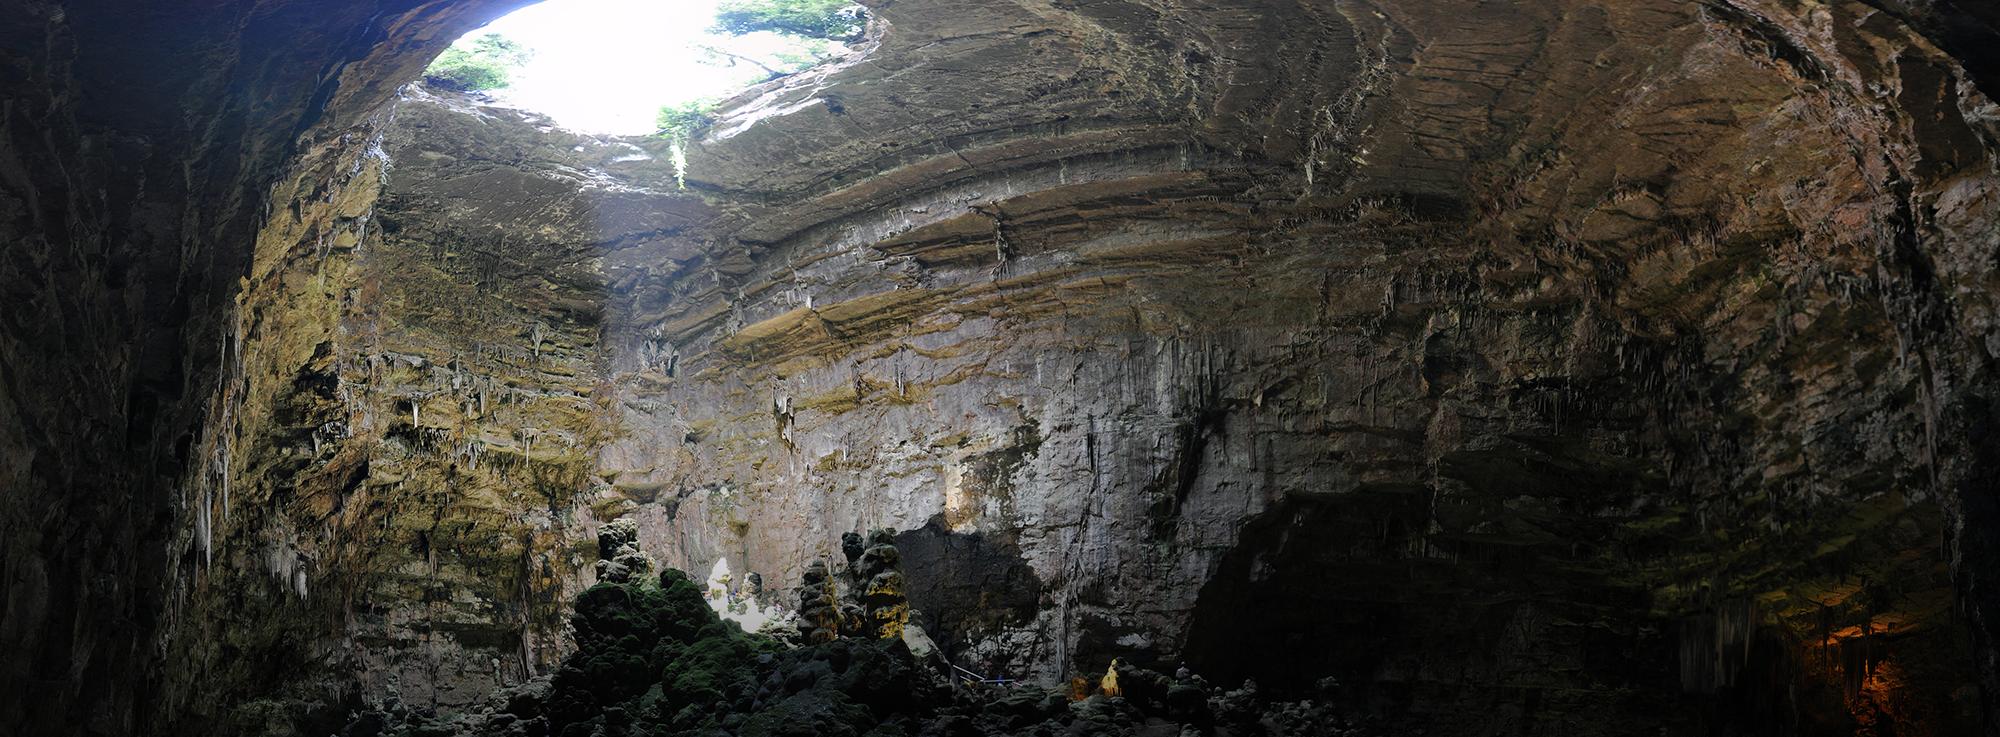 Castellana Grotte: Sagra dell'Impanata